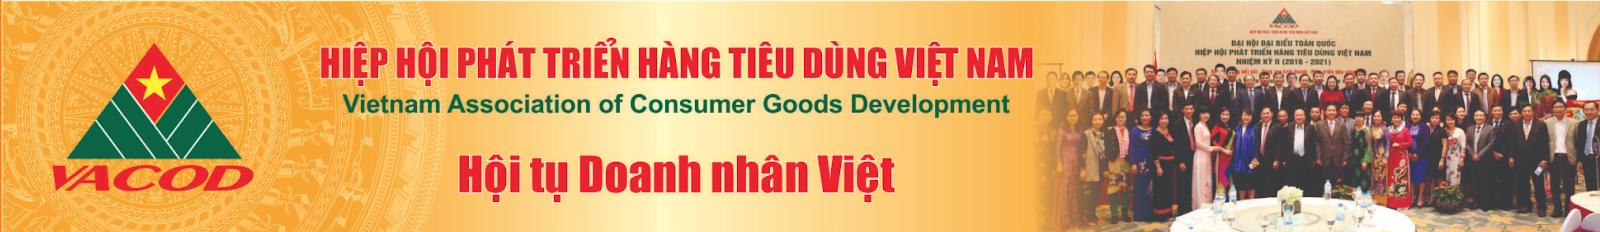 Hiệp hội phát triển hàng tiêu dùng Việt Nam - Hội tụ doanh nhân Việt